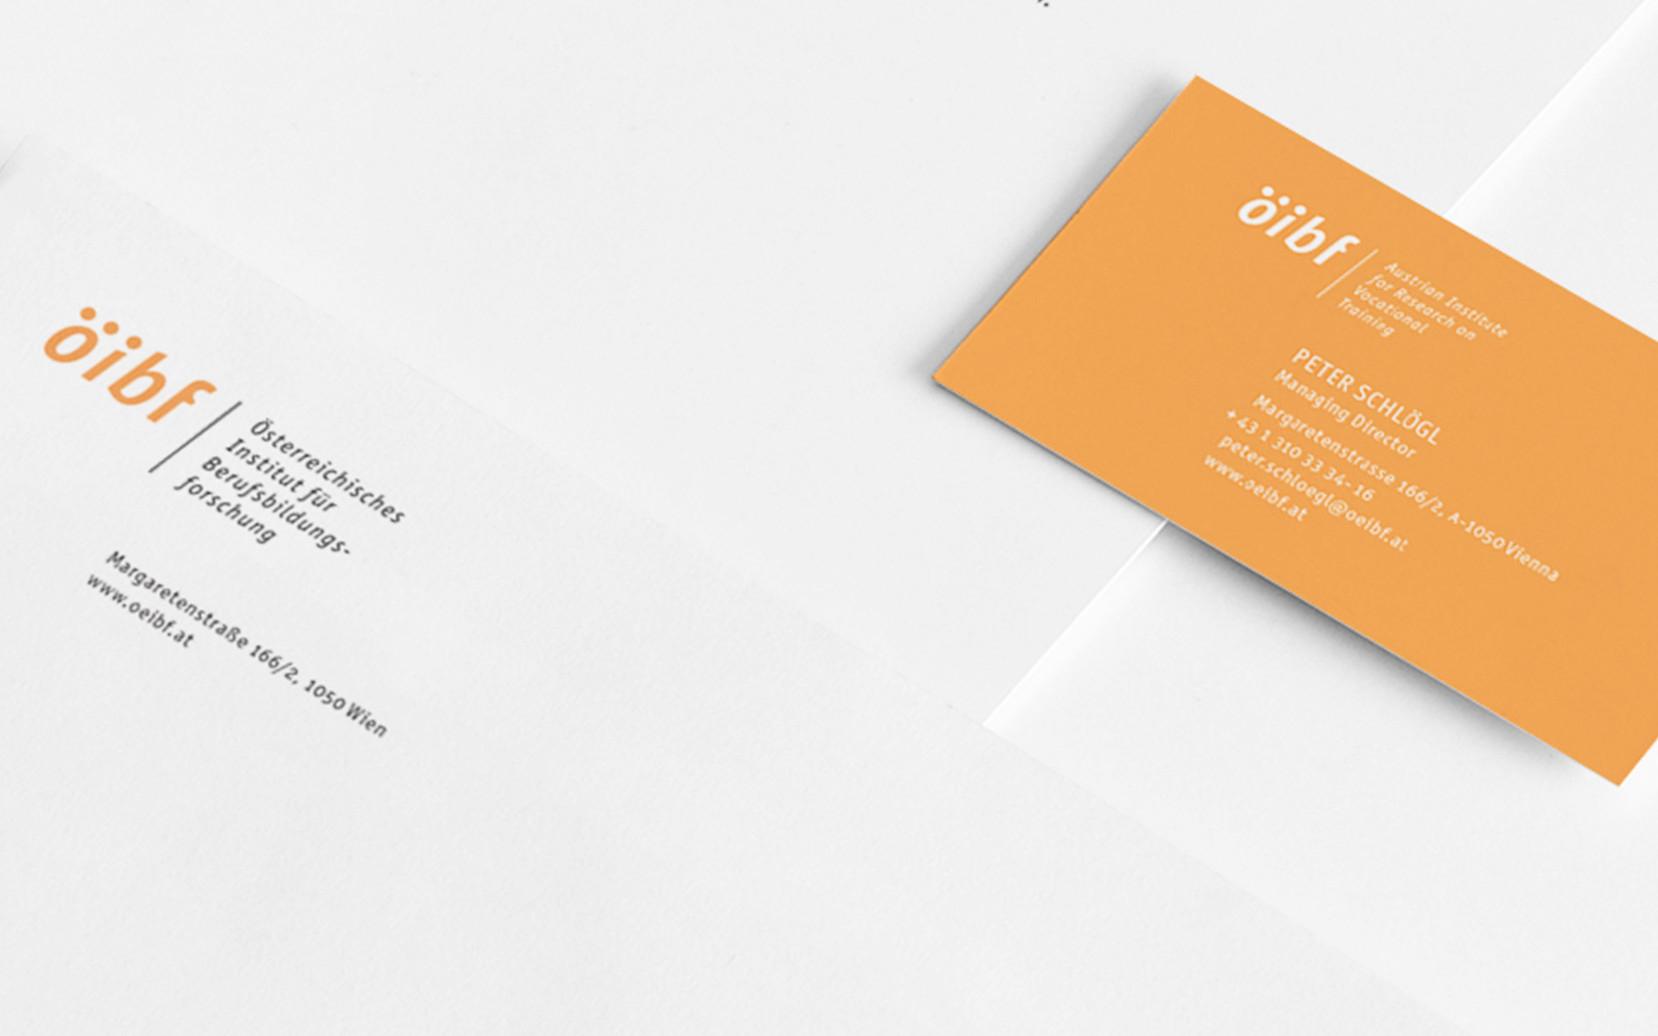 ÖIBF Corporate Design